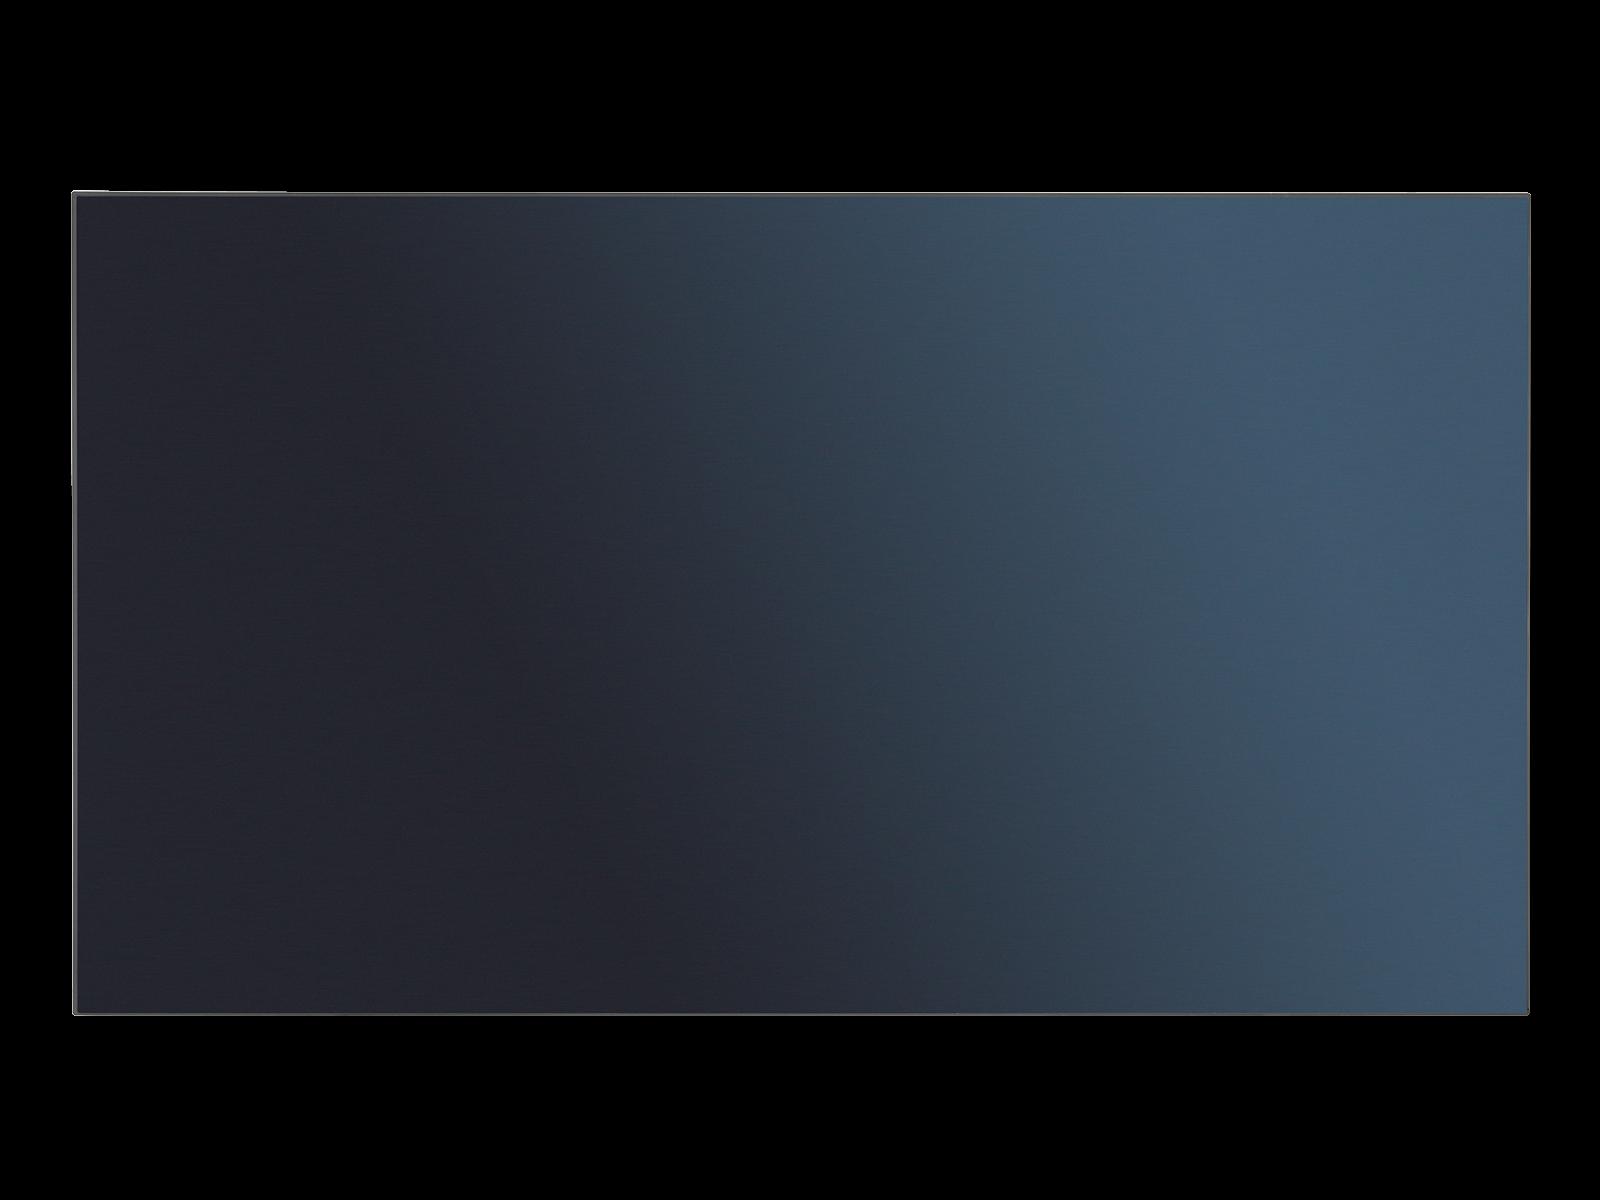 X554UNV-DisplayViewFrontalBlack